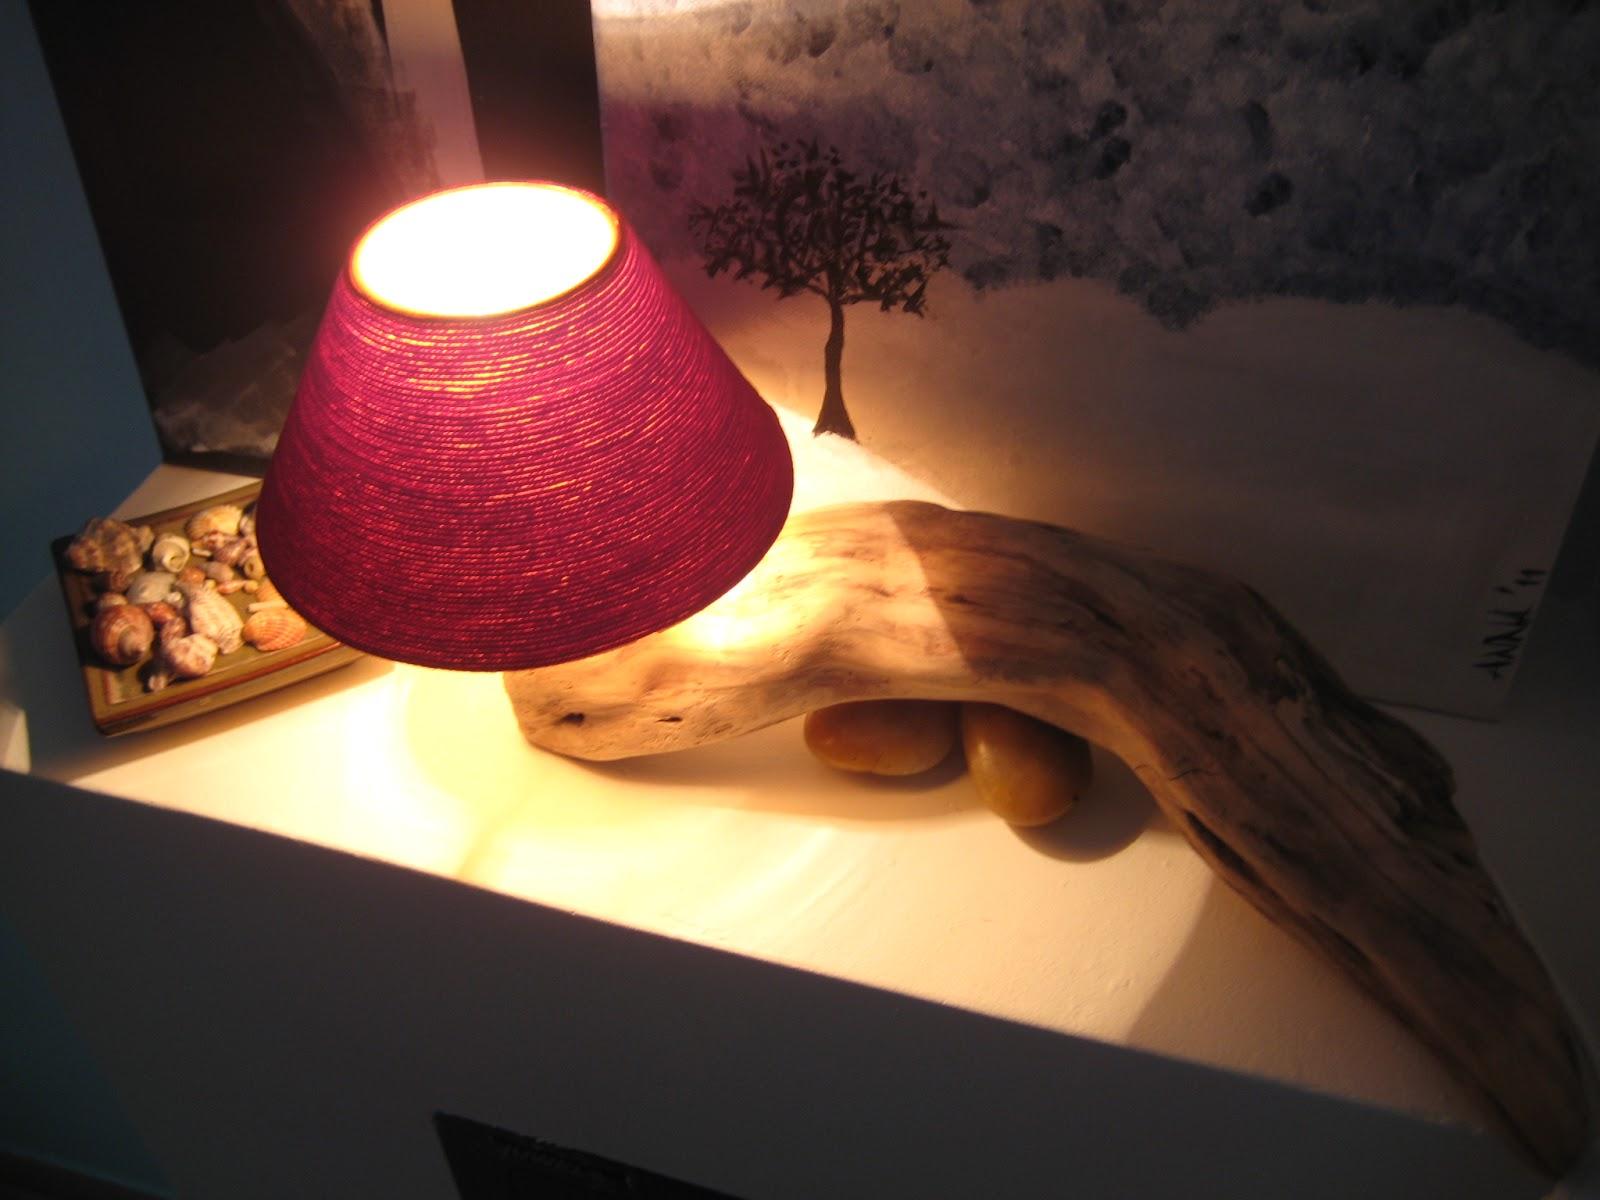 Lampade In Legno Di Mare : Lampada legni di mare lampada legni di mare marito